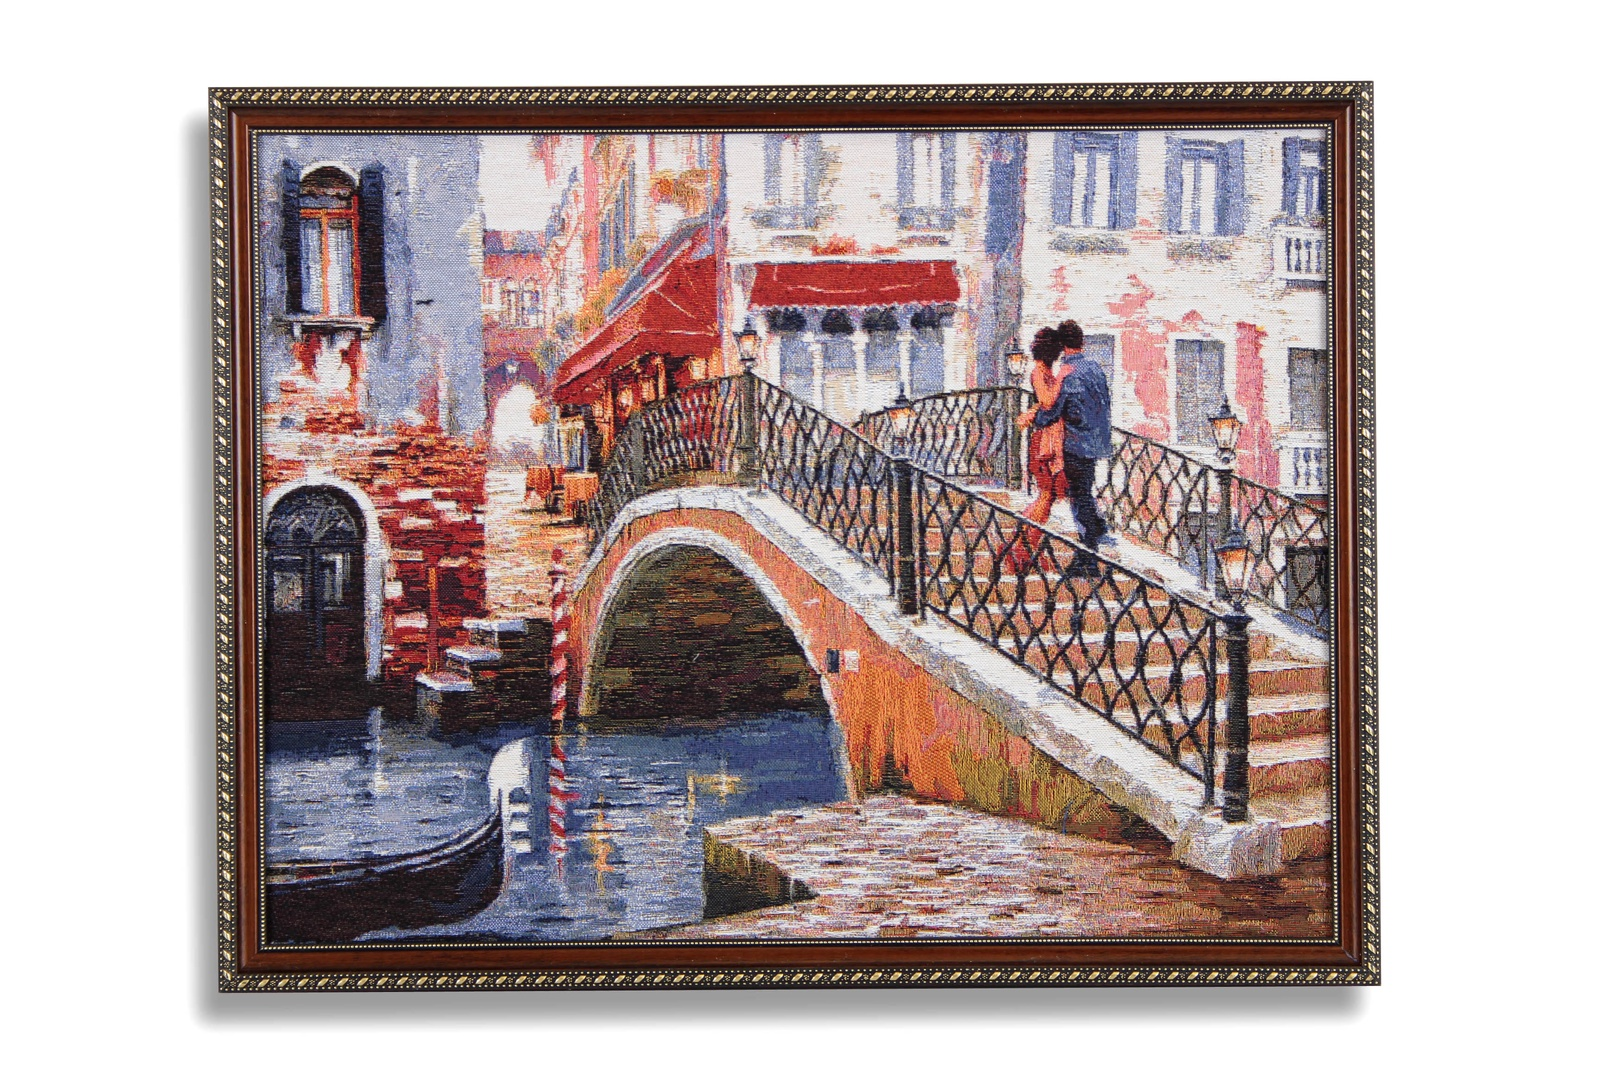 Картина Магазин гобеленов поцелуй в Венеции 53*67 см, Гобелен картина поцелуй